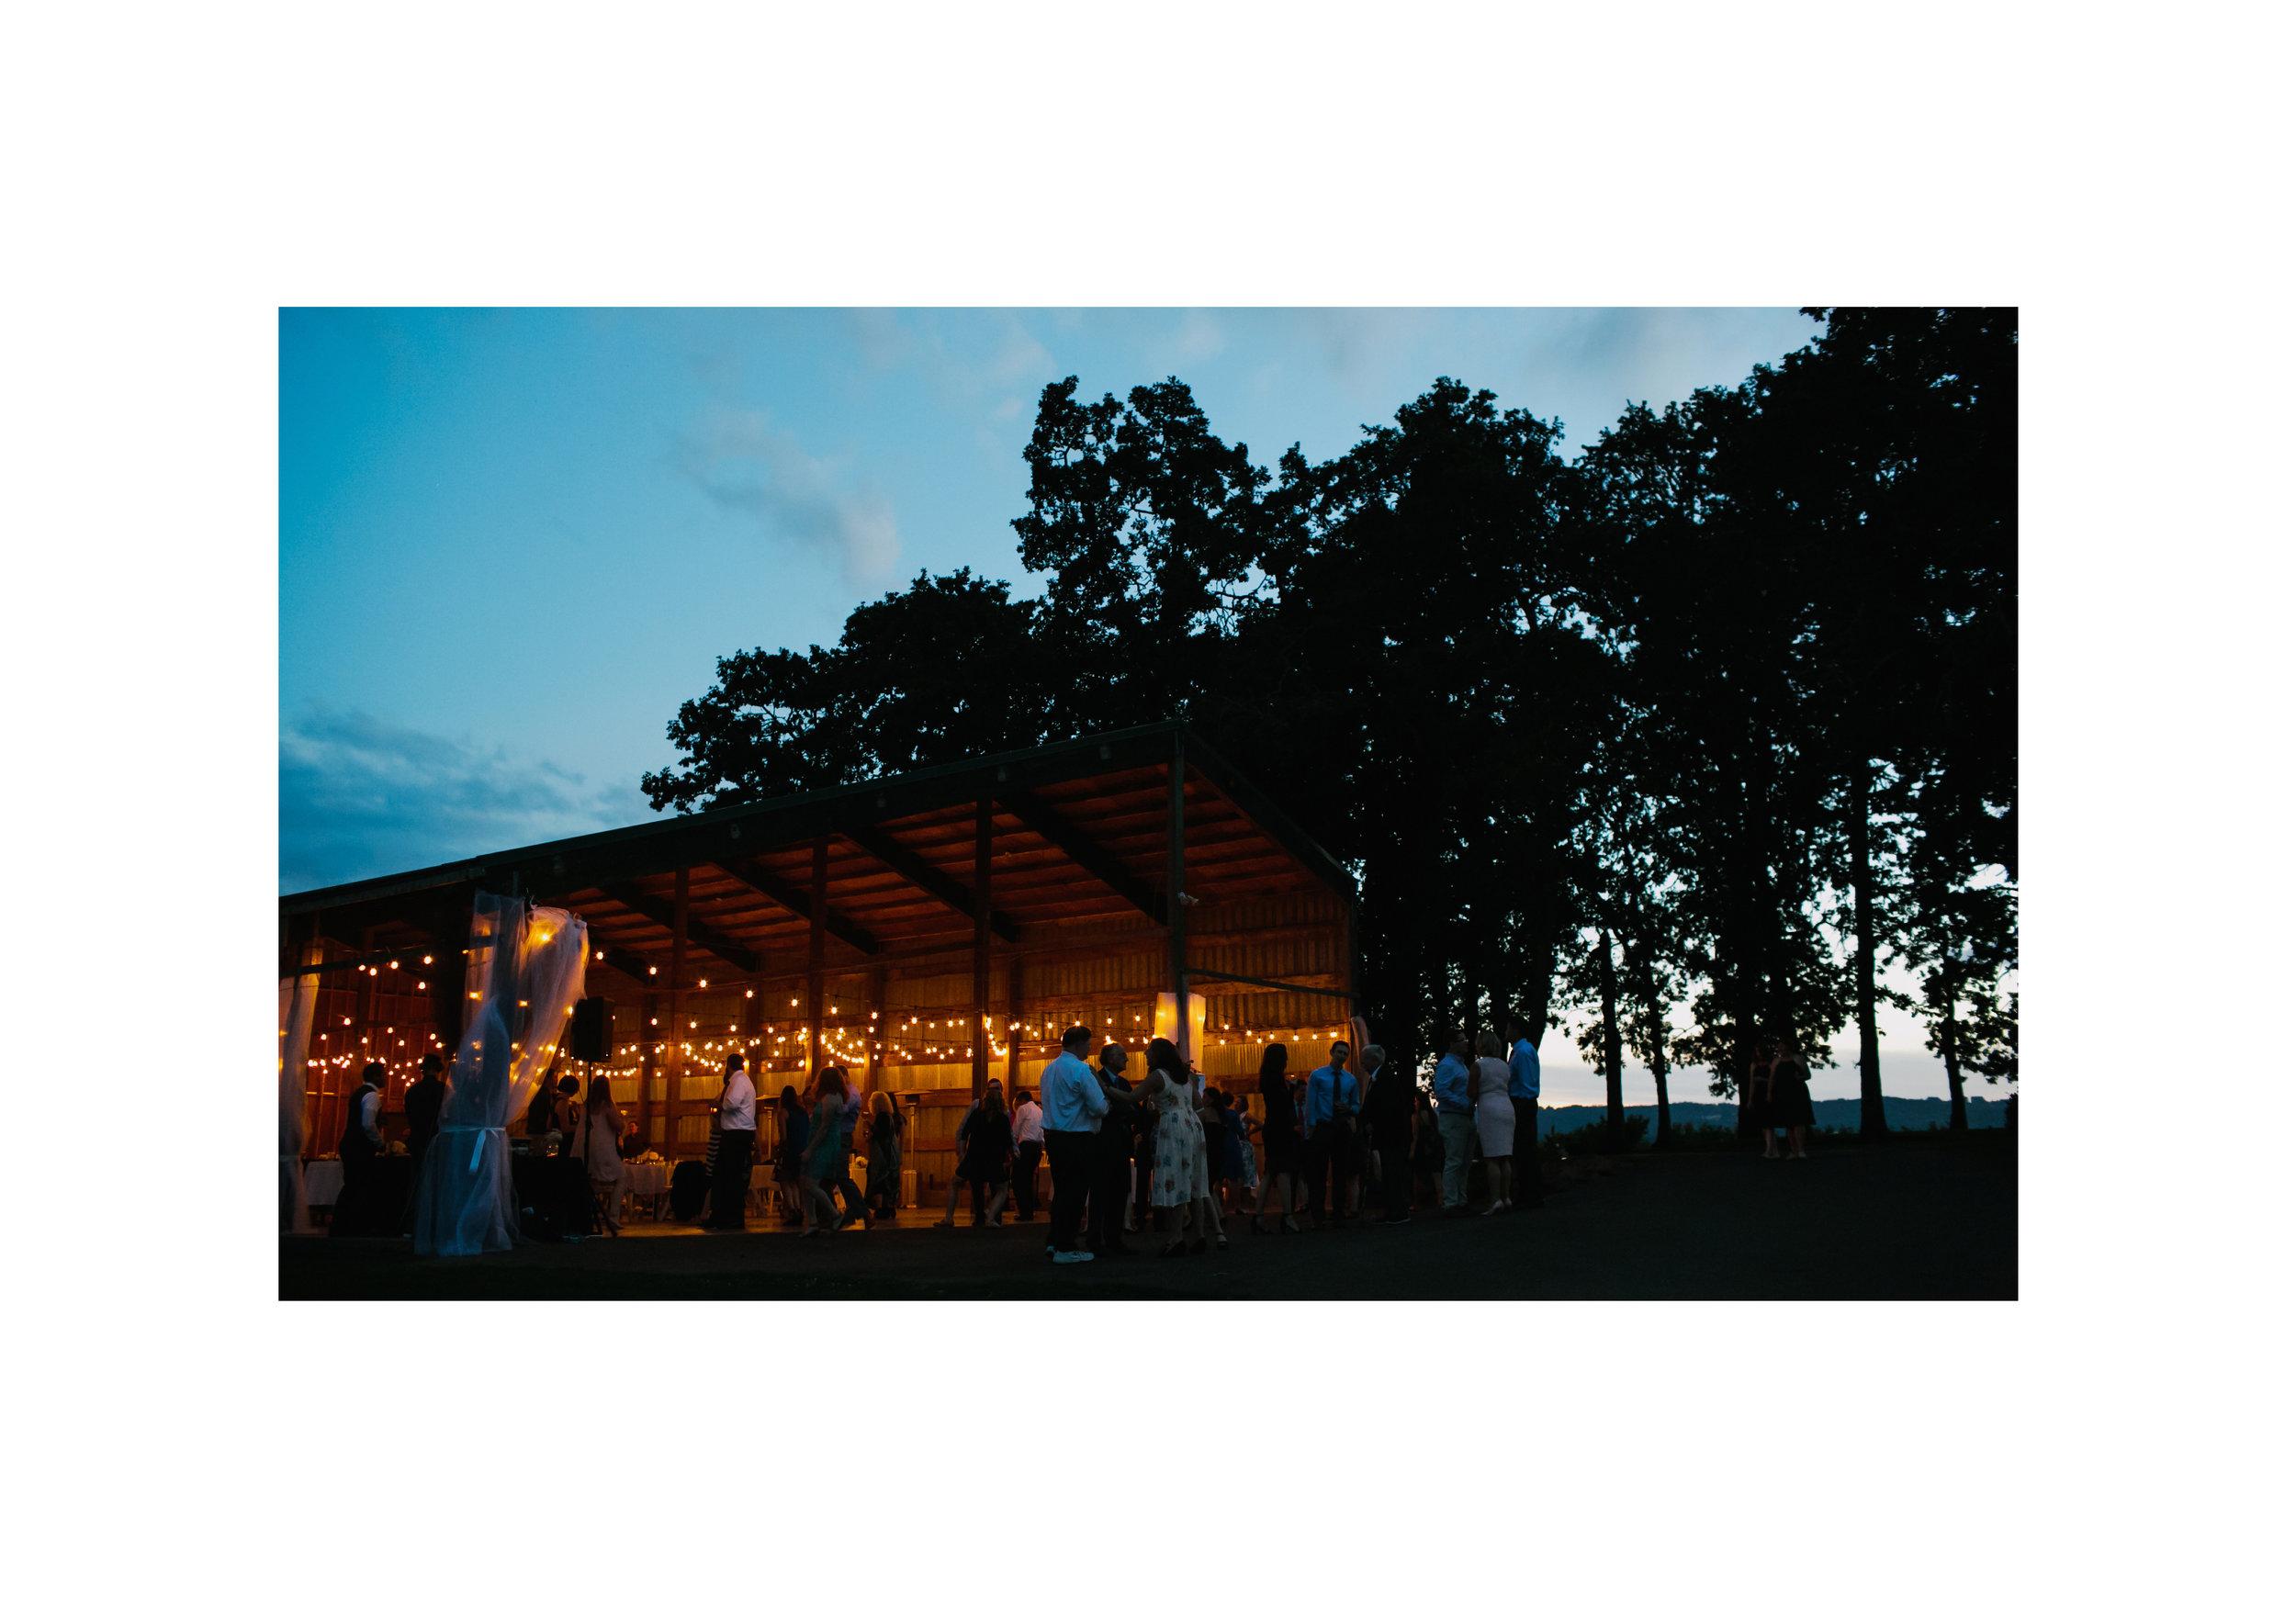 scholls-valley-lodge-wedding-photographer-ashley-courter0025.JPG